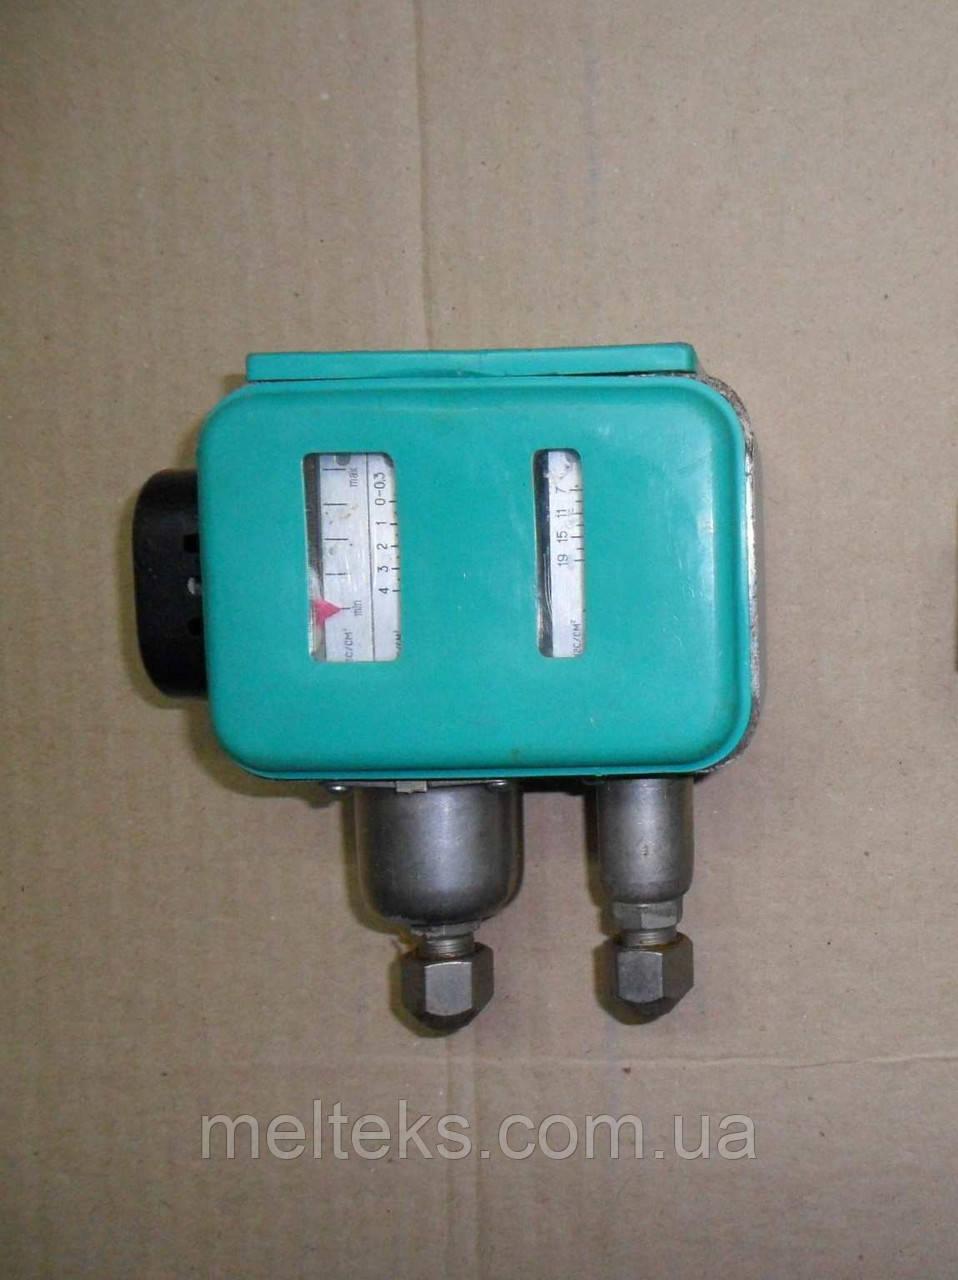 Реле давления Д220-11, Д220-12